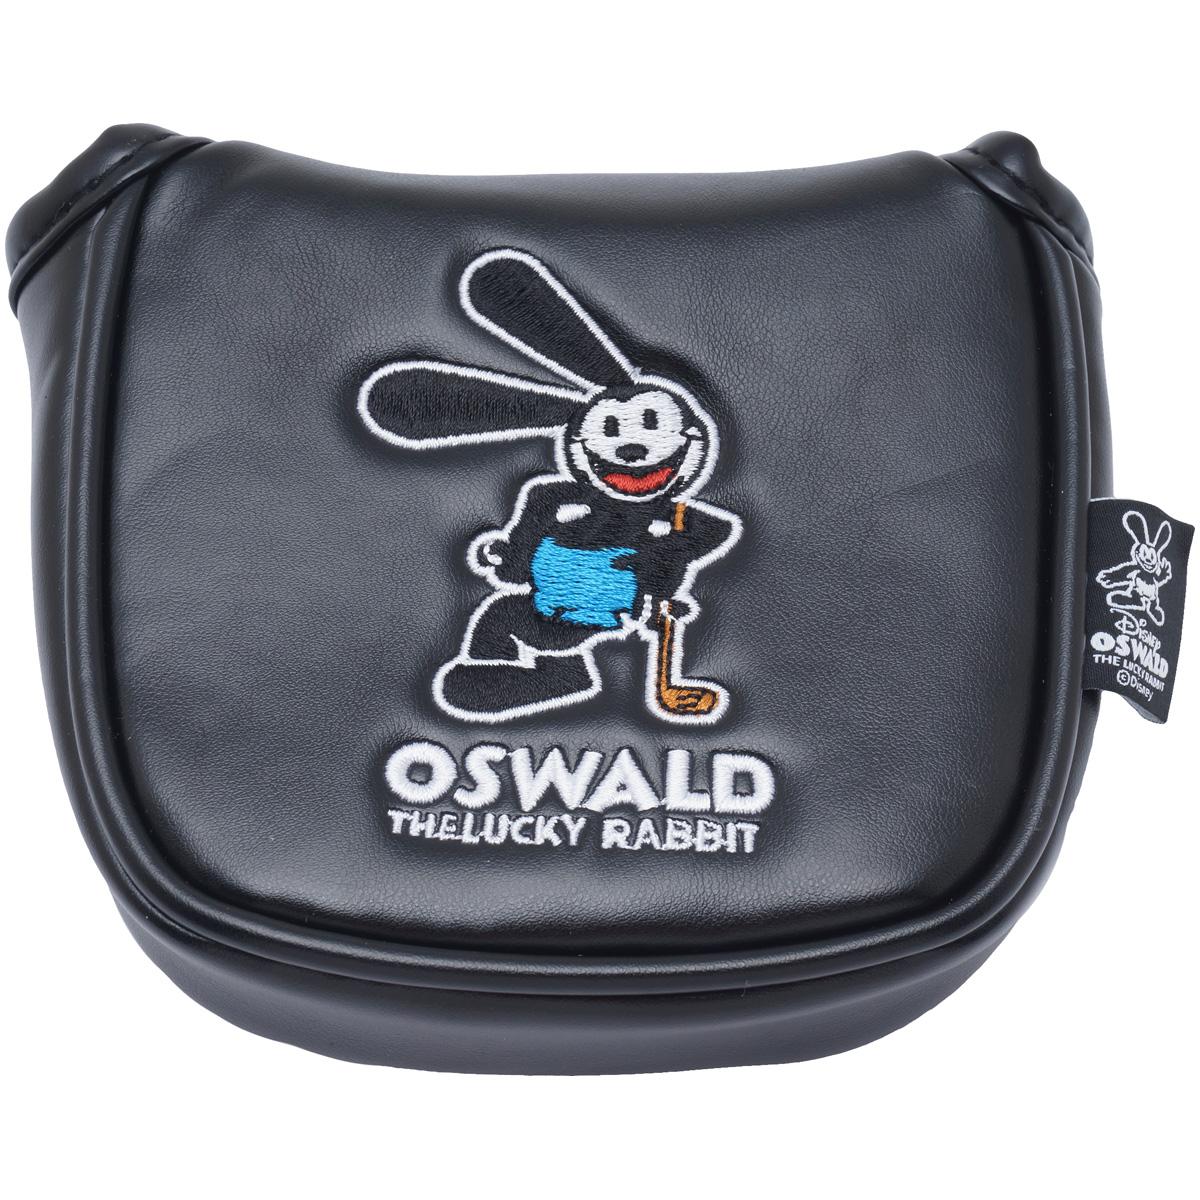 OSWALD×PG 2ボールパターカバー